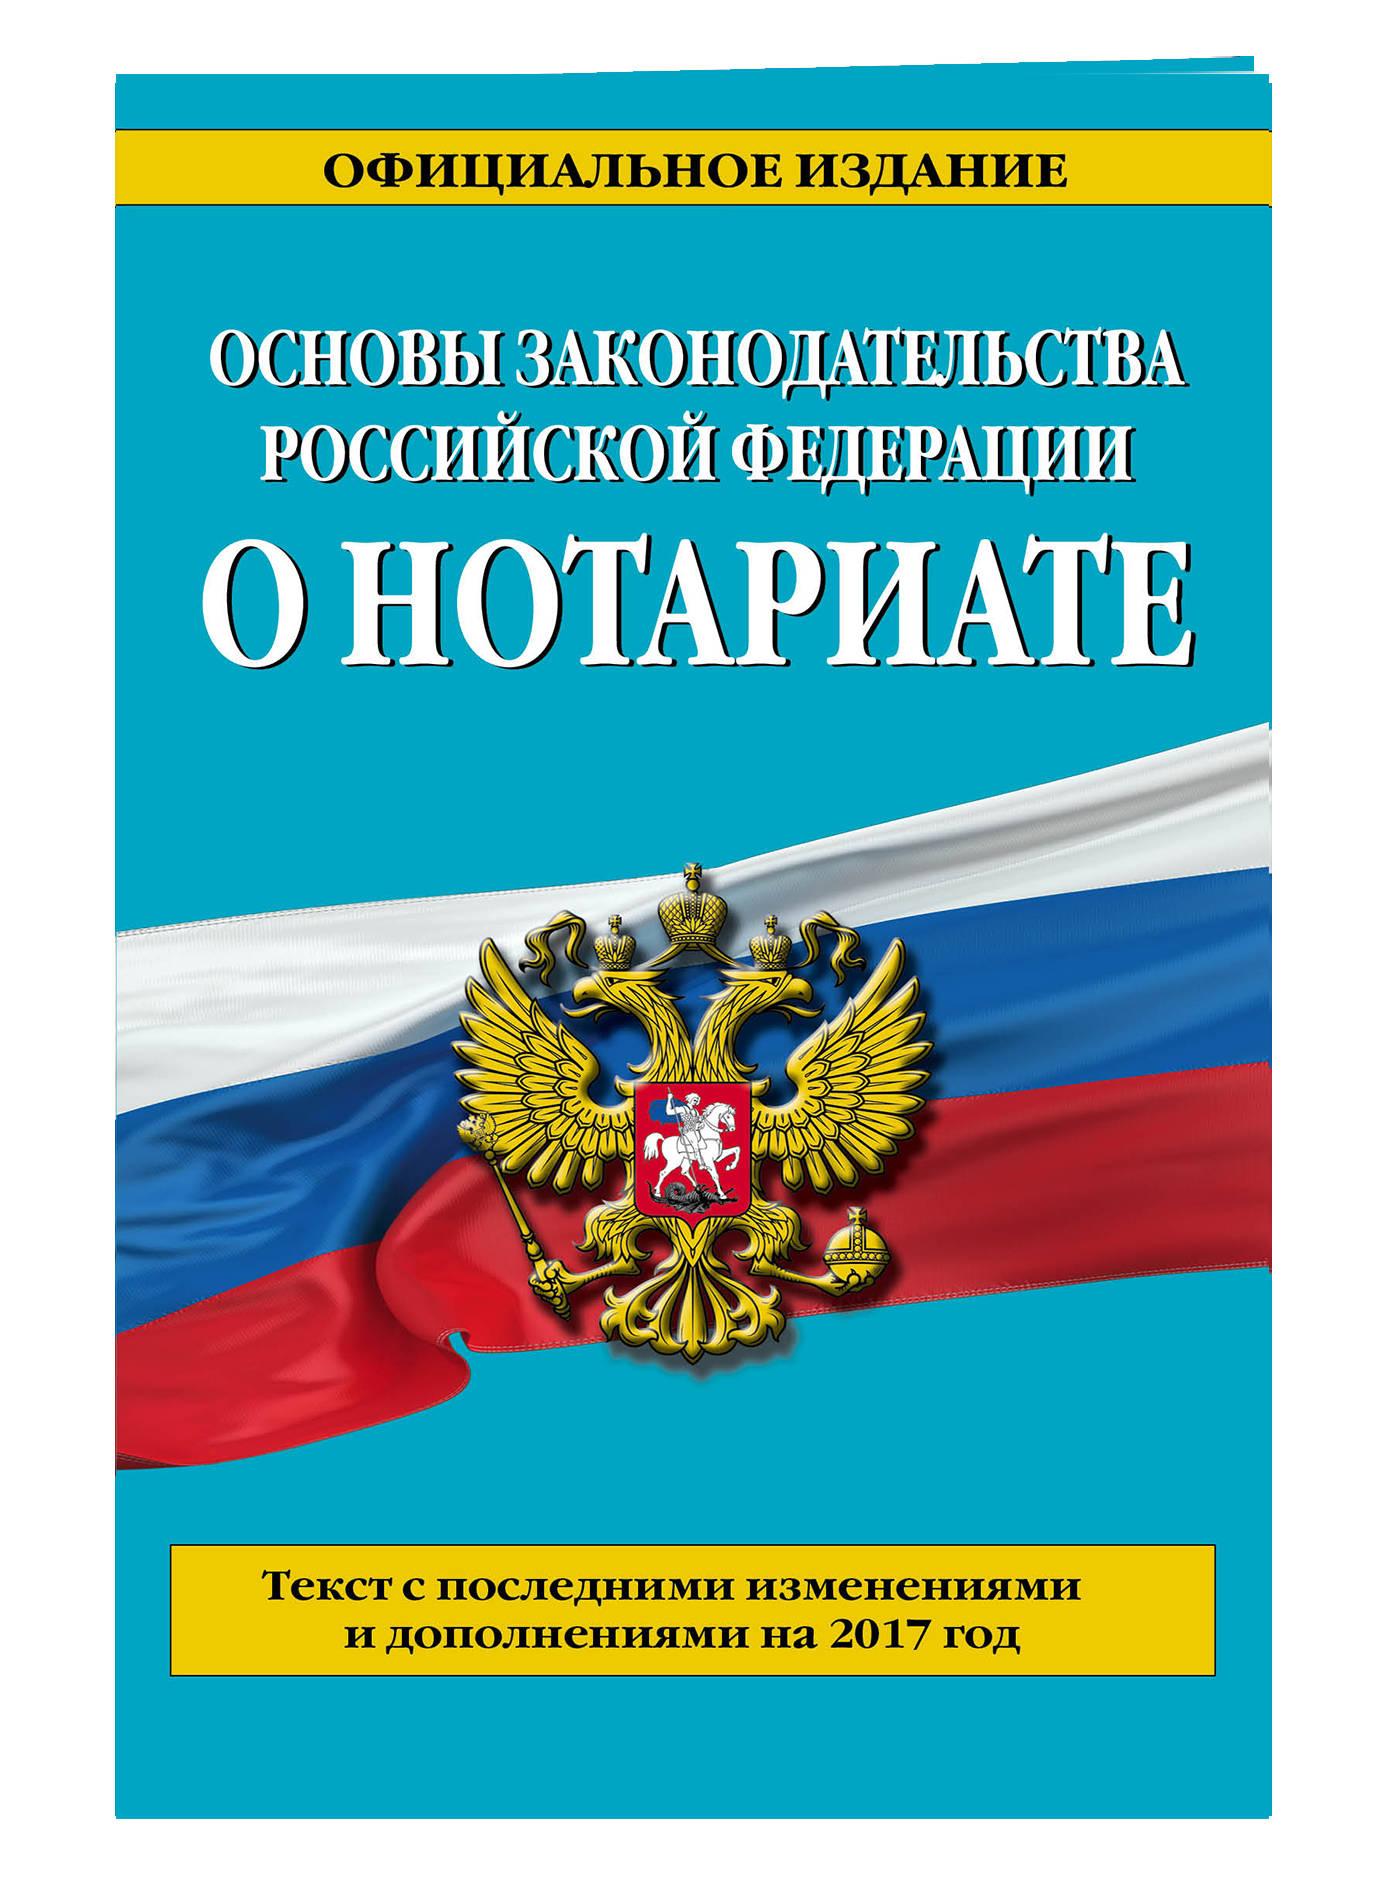 Основы законодательства Российской Федерации о нотариате: текст с посл. изм. и доп. на 2017 г. проект закона о нотариате с пояснениями